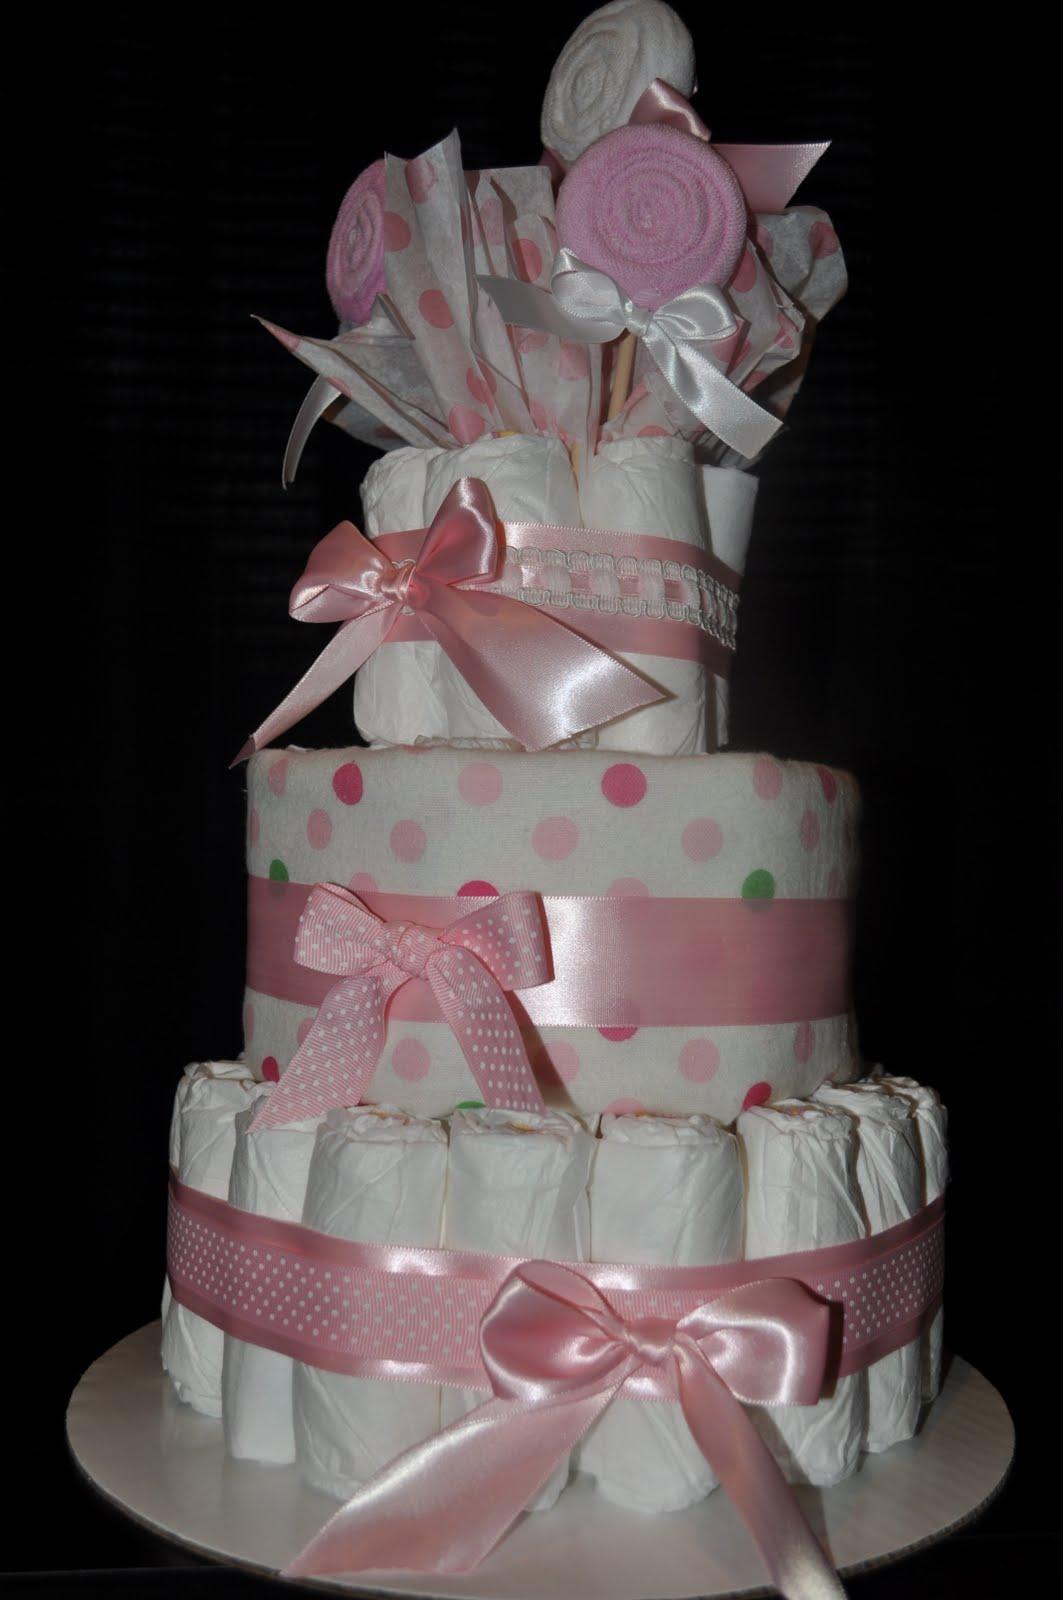 It S A Diaper Design My First Diaper Cakes